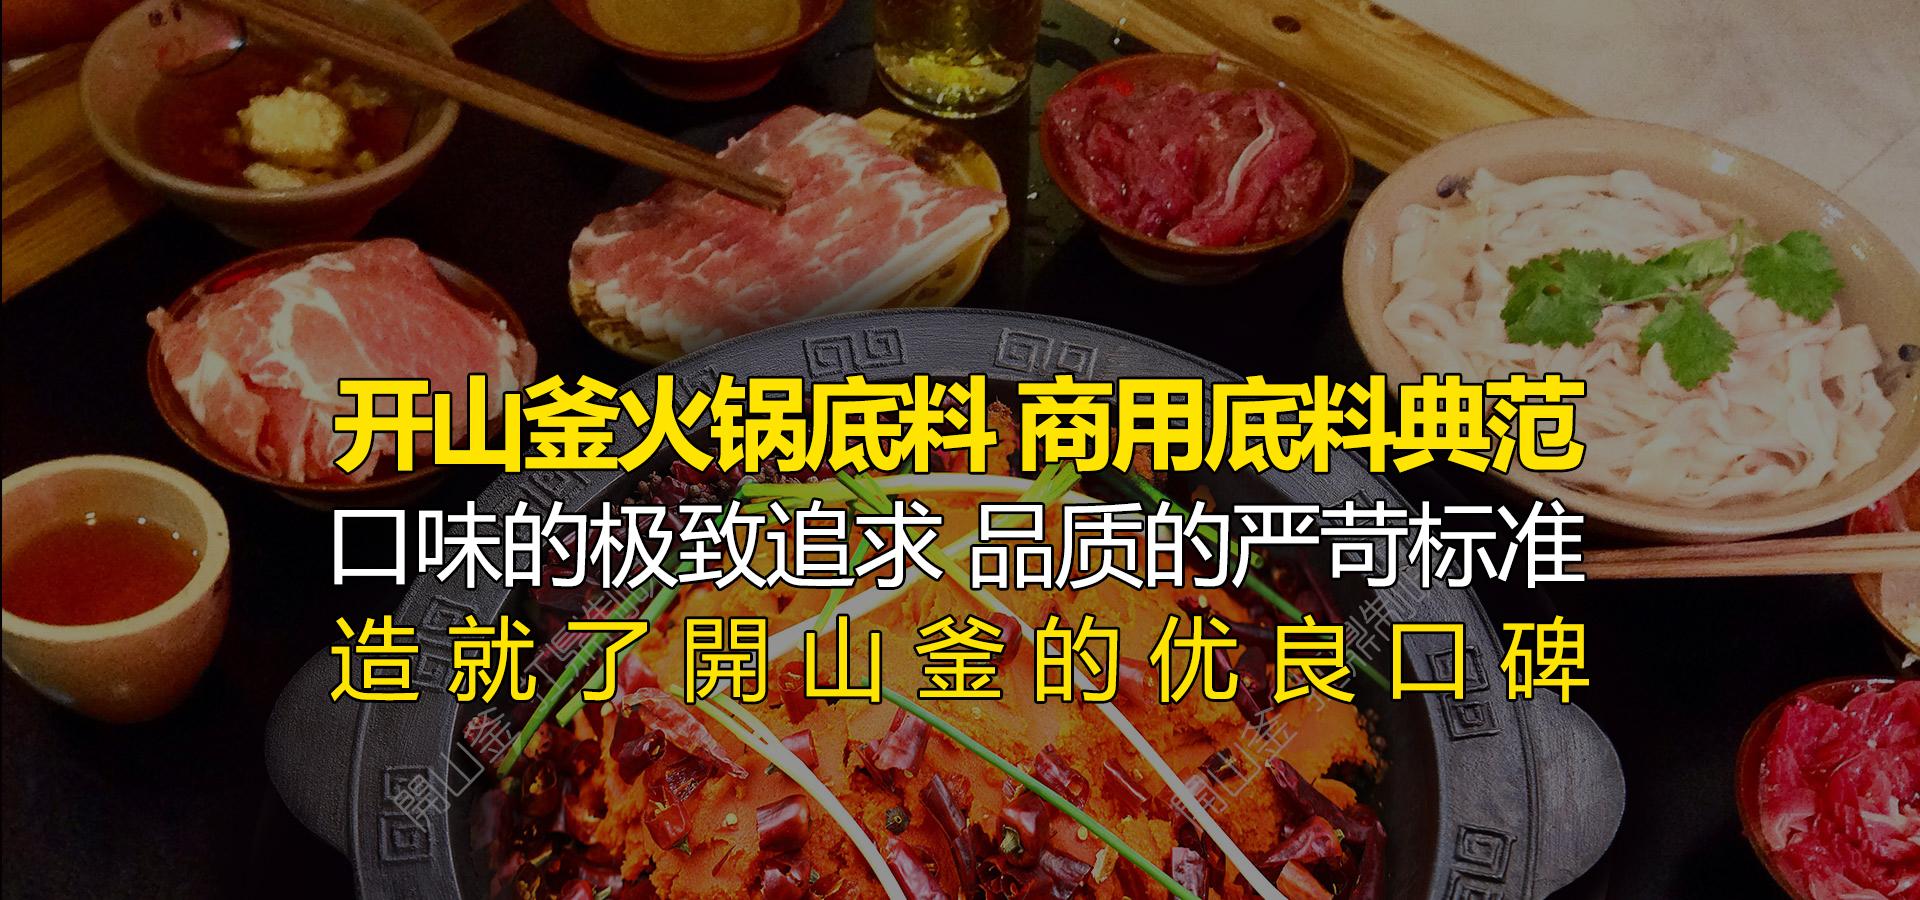 开山釜重庆火锅底料,商用底料典范 对口味的极致追求,品质的严苛标准,低的底料价格 造就了開山釜的优良口碑